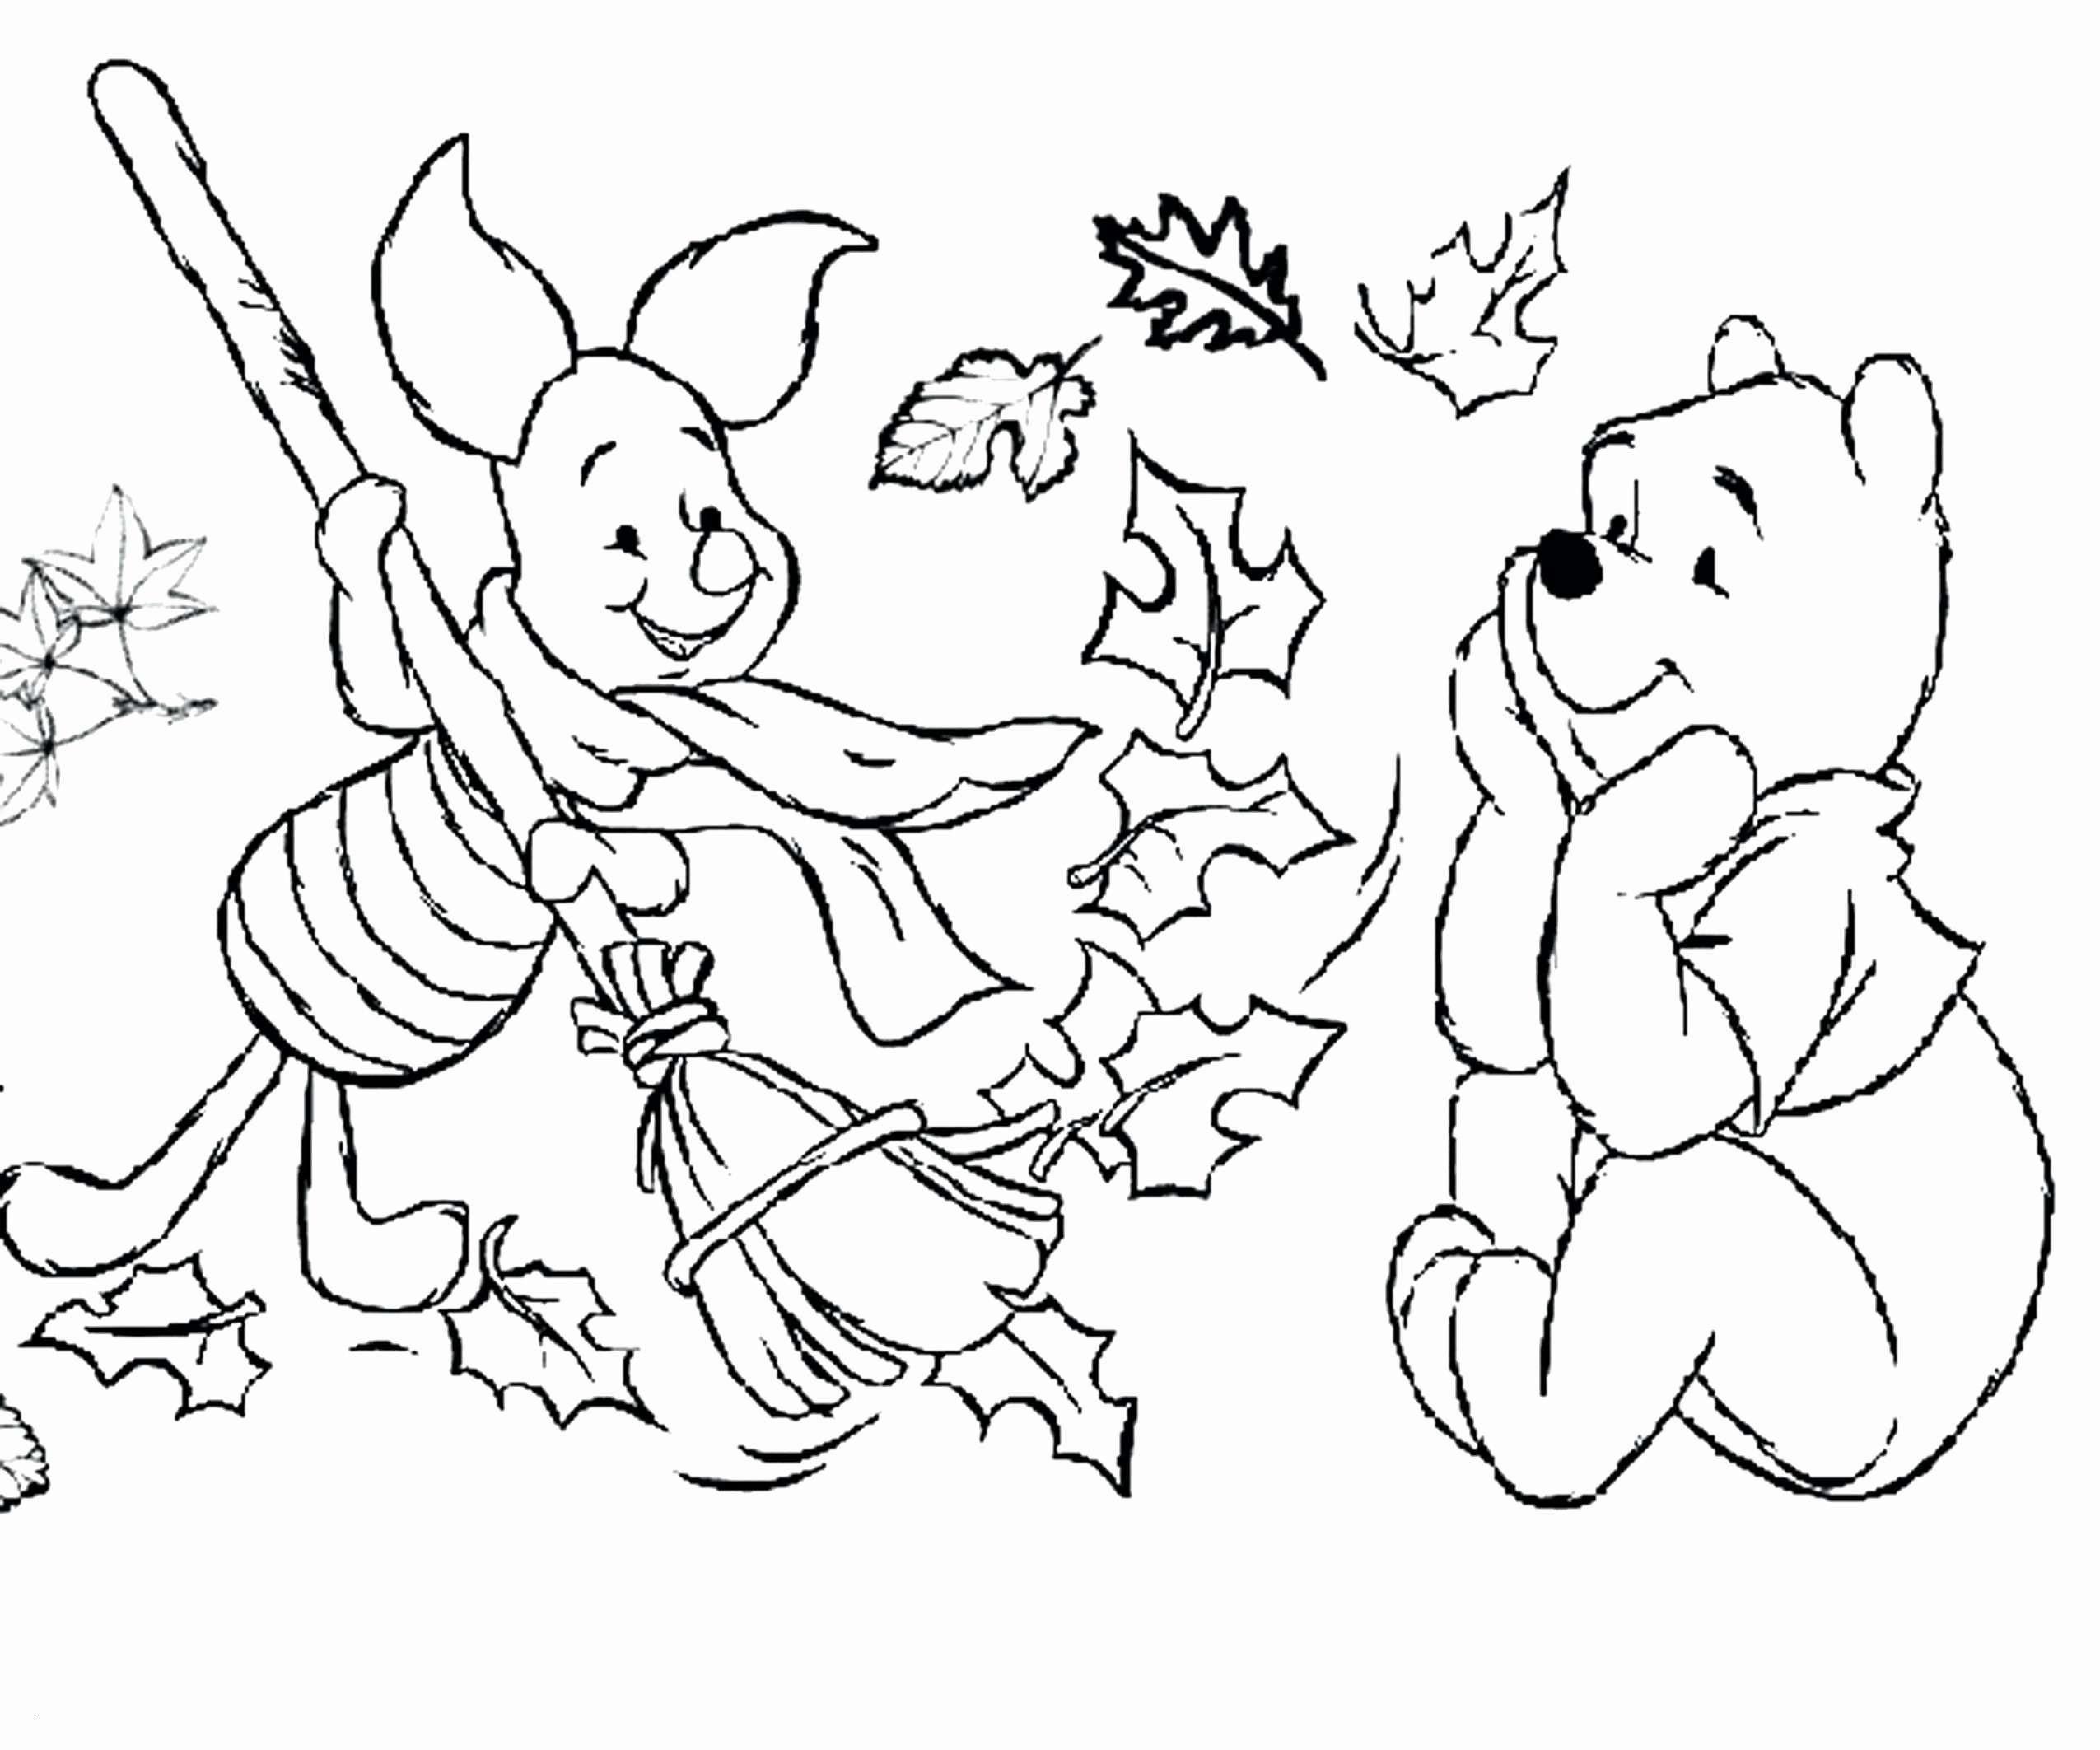 Weihnachts Ausmalbilder Rentier Frisch Weihnachten Rentier Malvorlagen Stück 32 Ausmalbilder Fantasy Stock